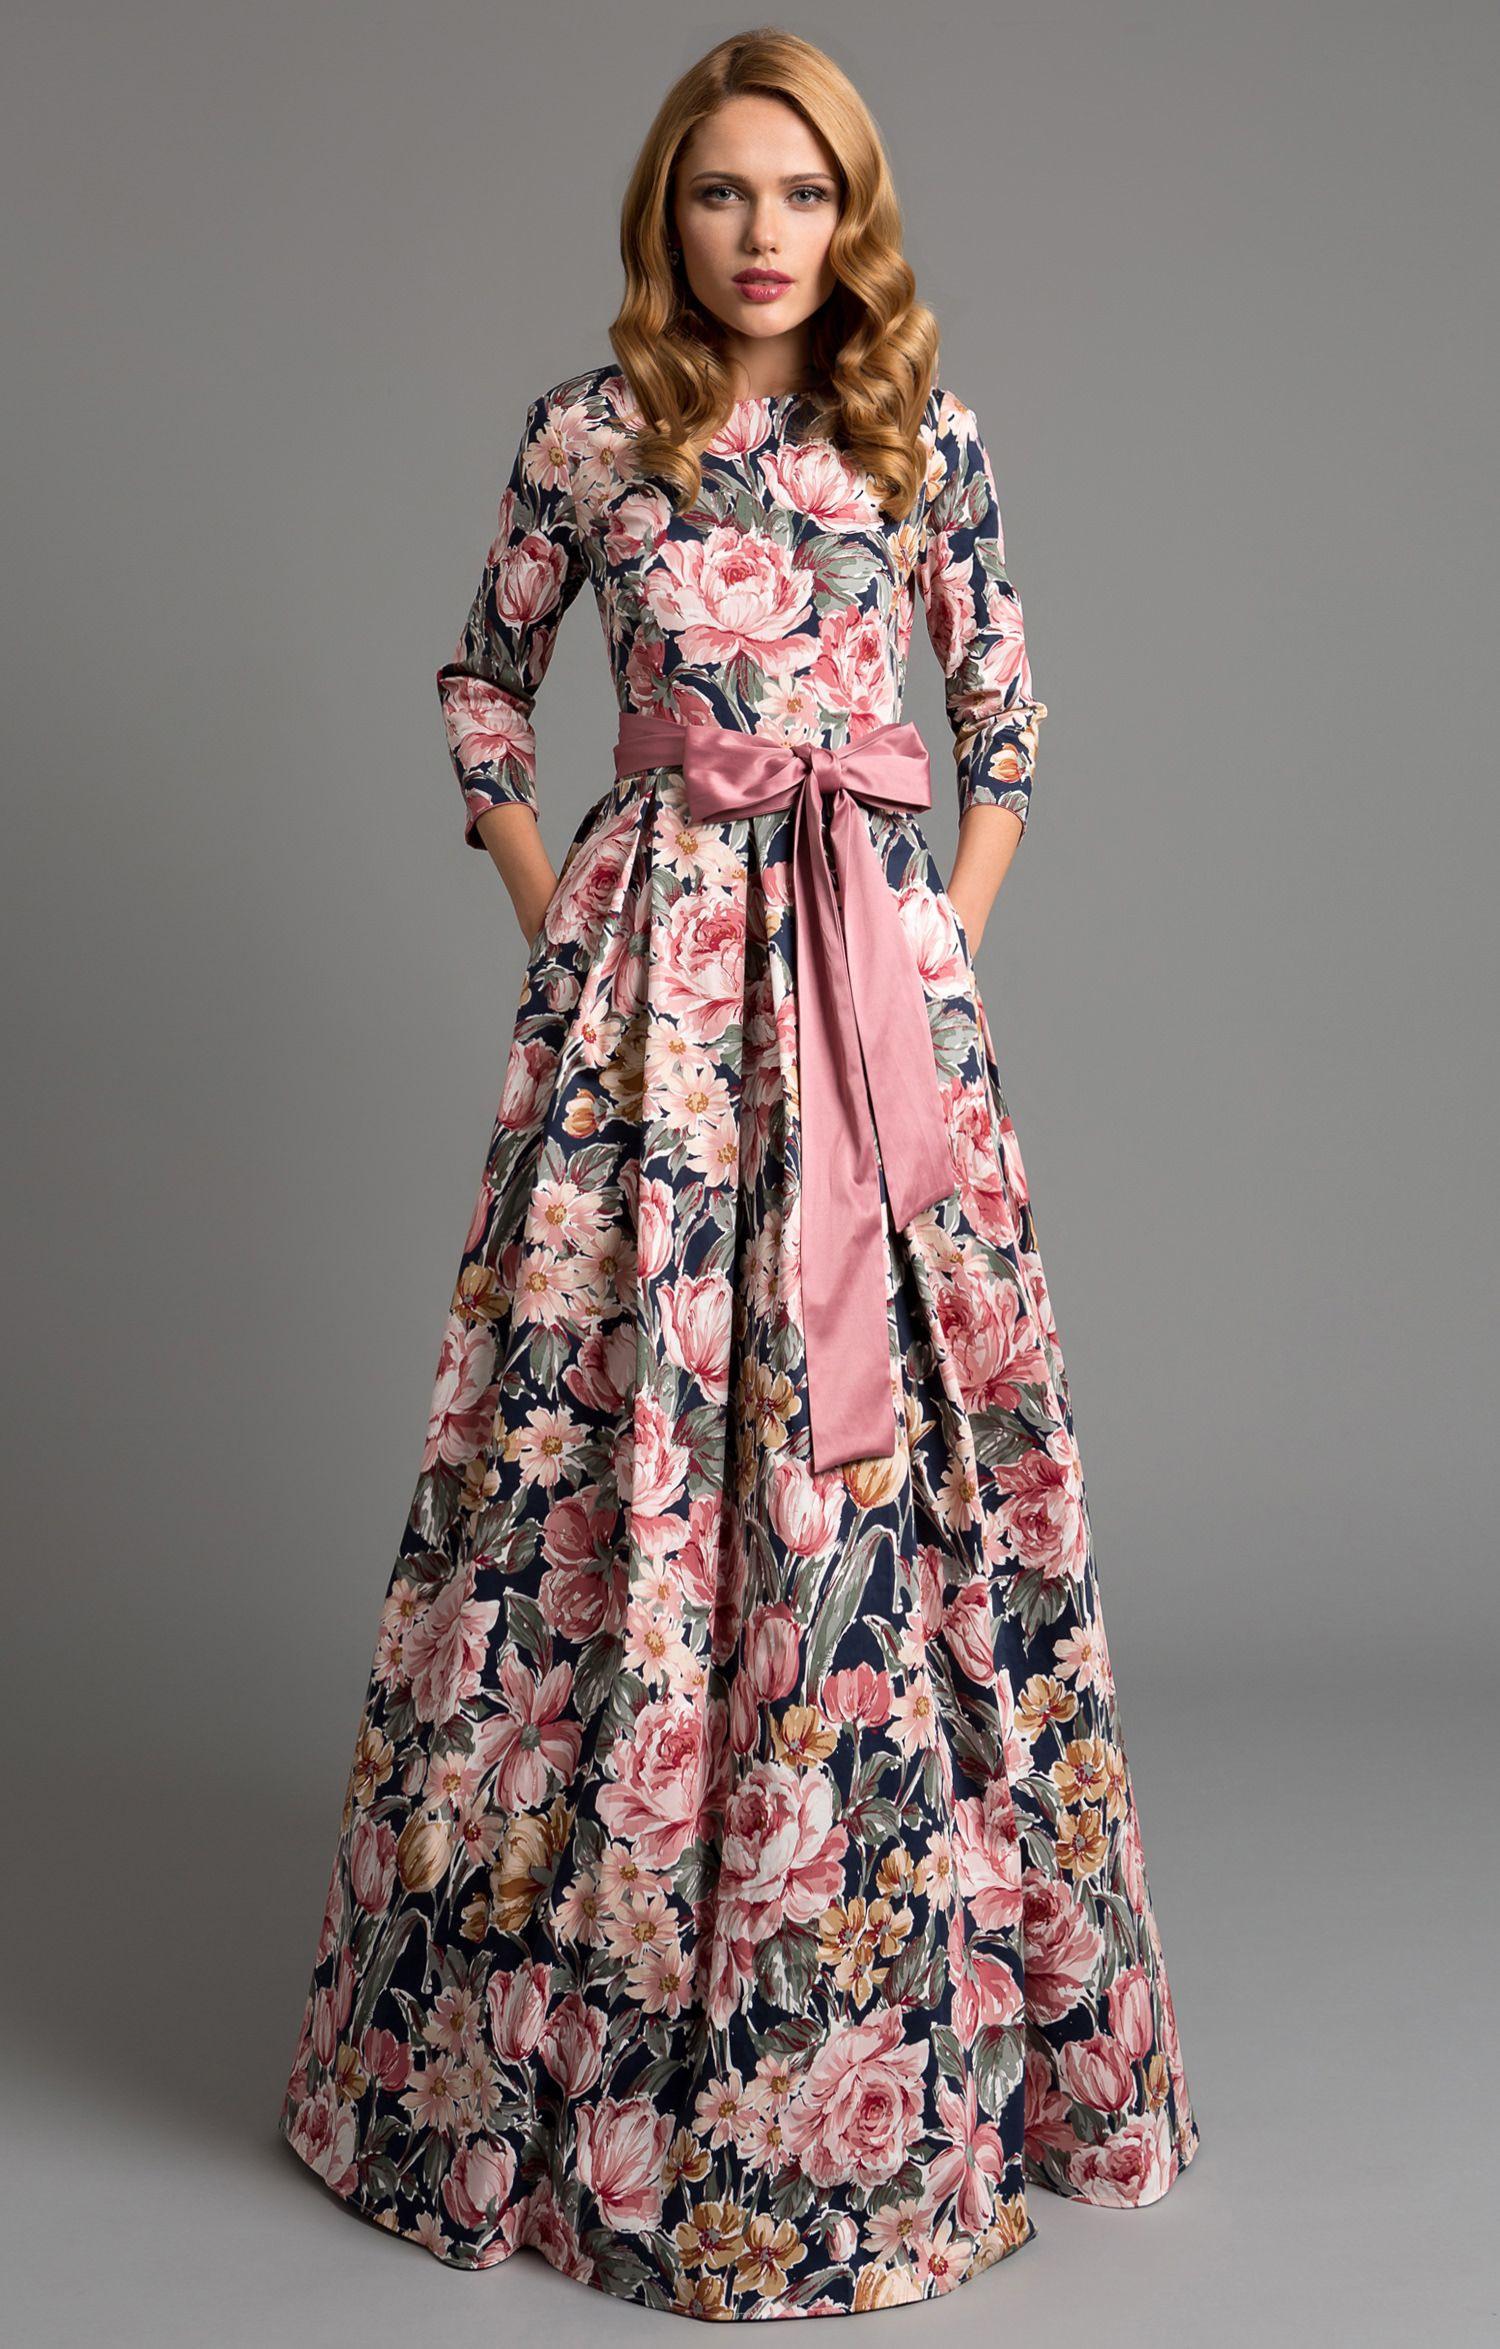 Einfach Designer Abend Kleid SpezialgebietDesigner Wunderbar Designer Abend Kleid Spezialgebiet